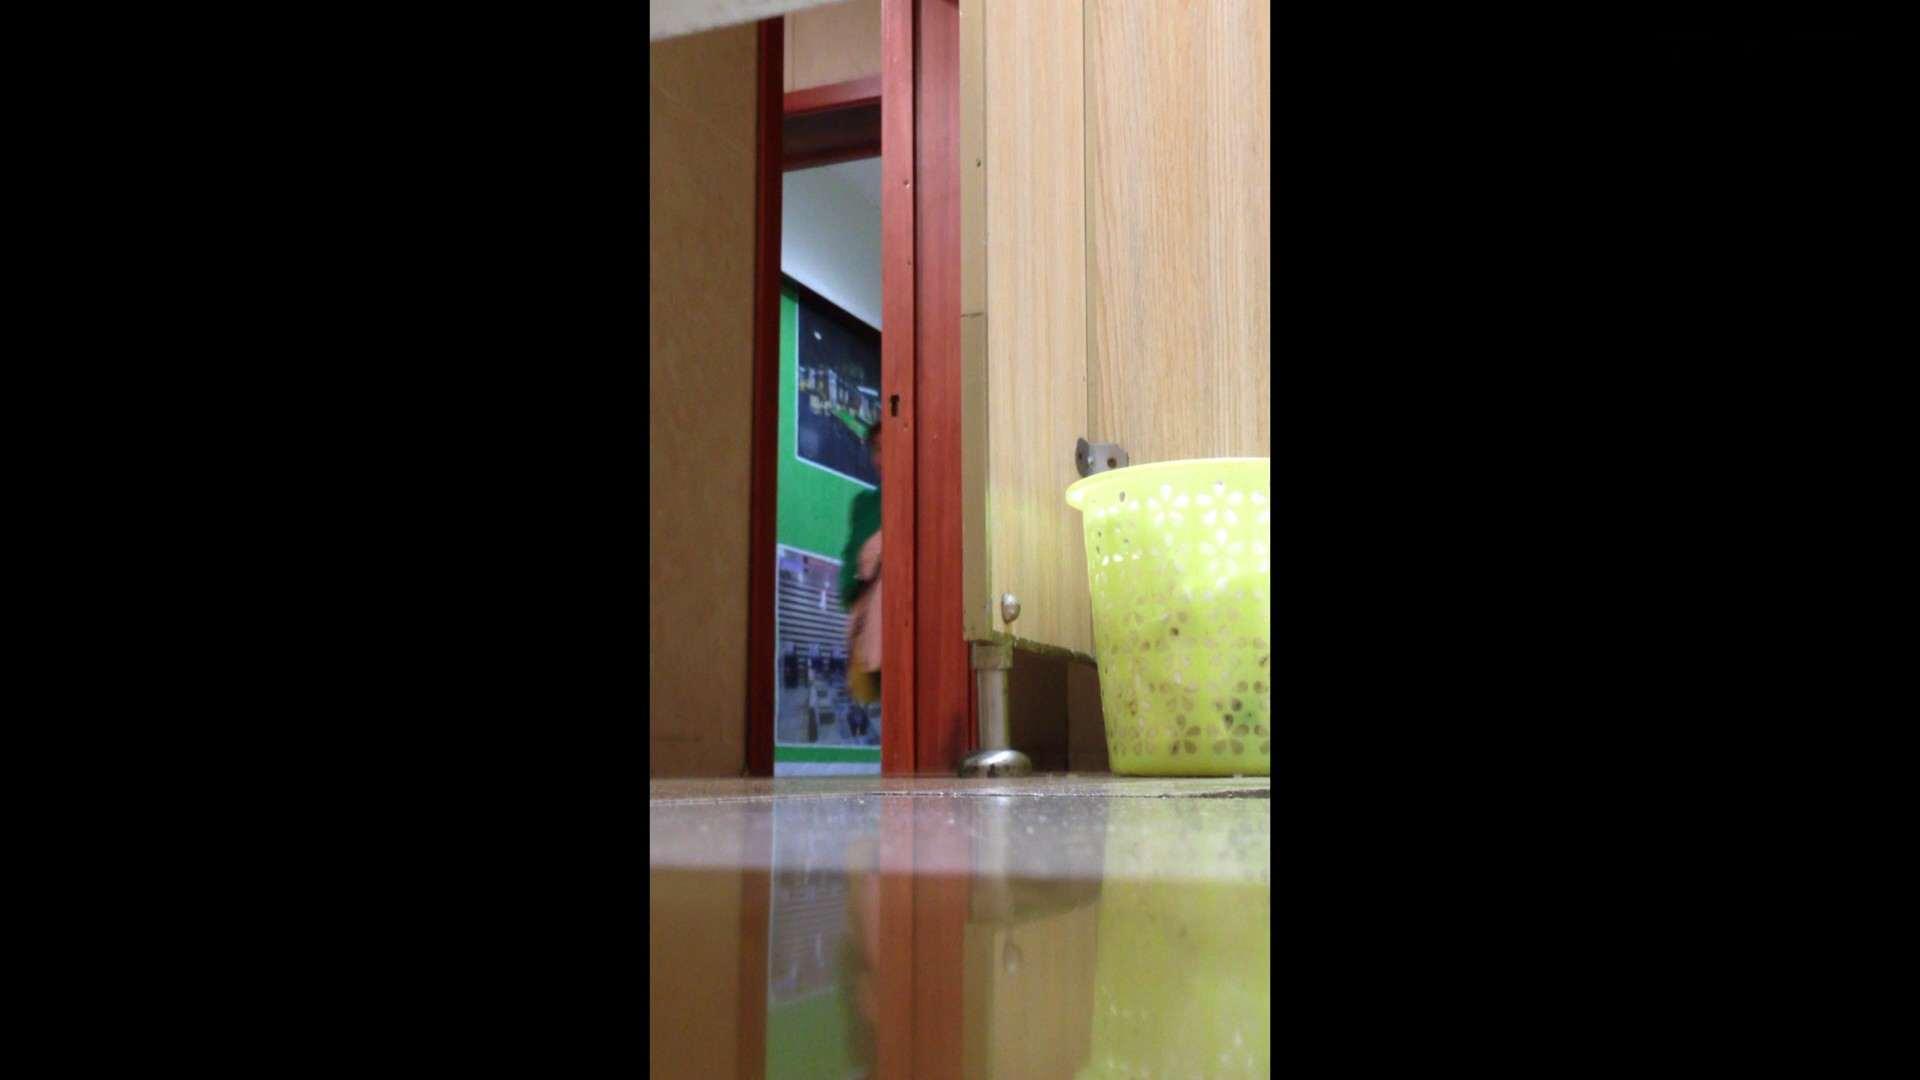 芸術大学ガチ潜入盗撮 JD盗撮 美女の洗面所の秘密 Vol.87 洗面所のぞき AV動画キャプチャ 110枚 102